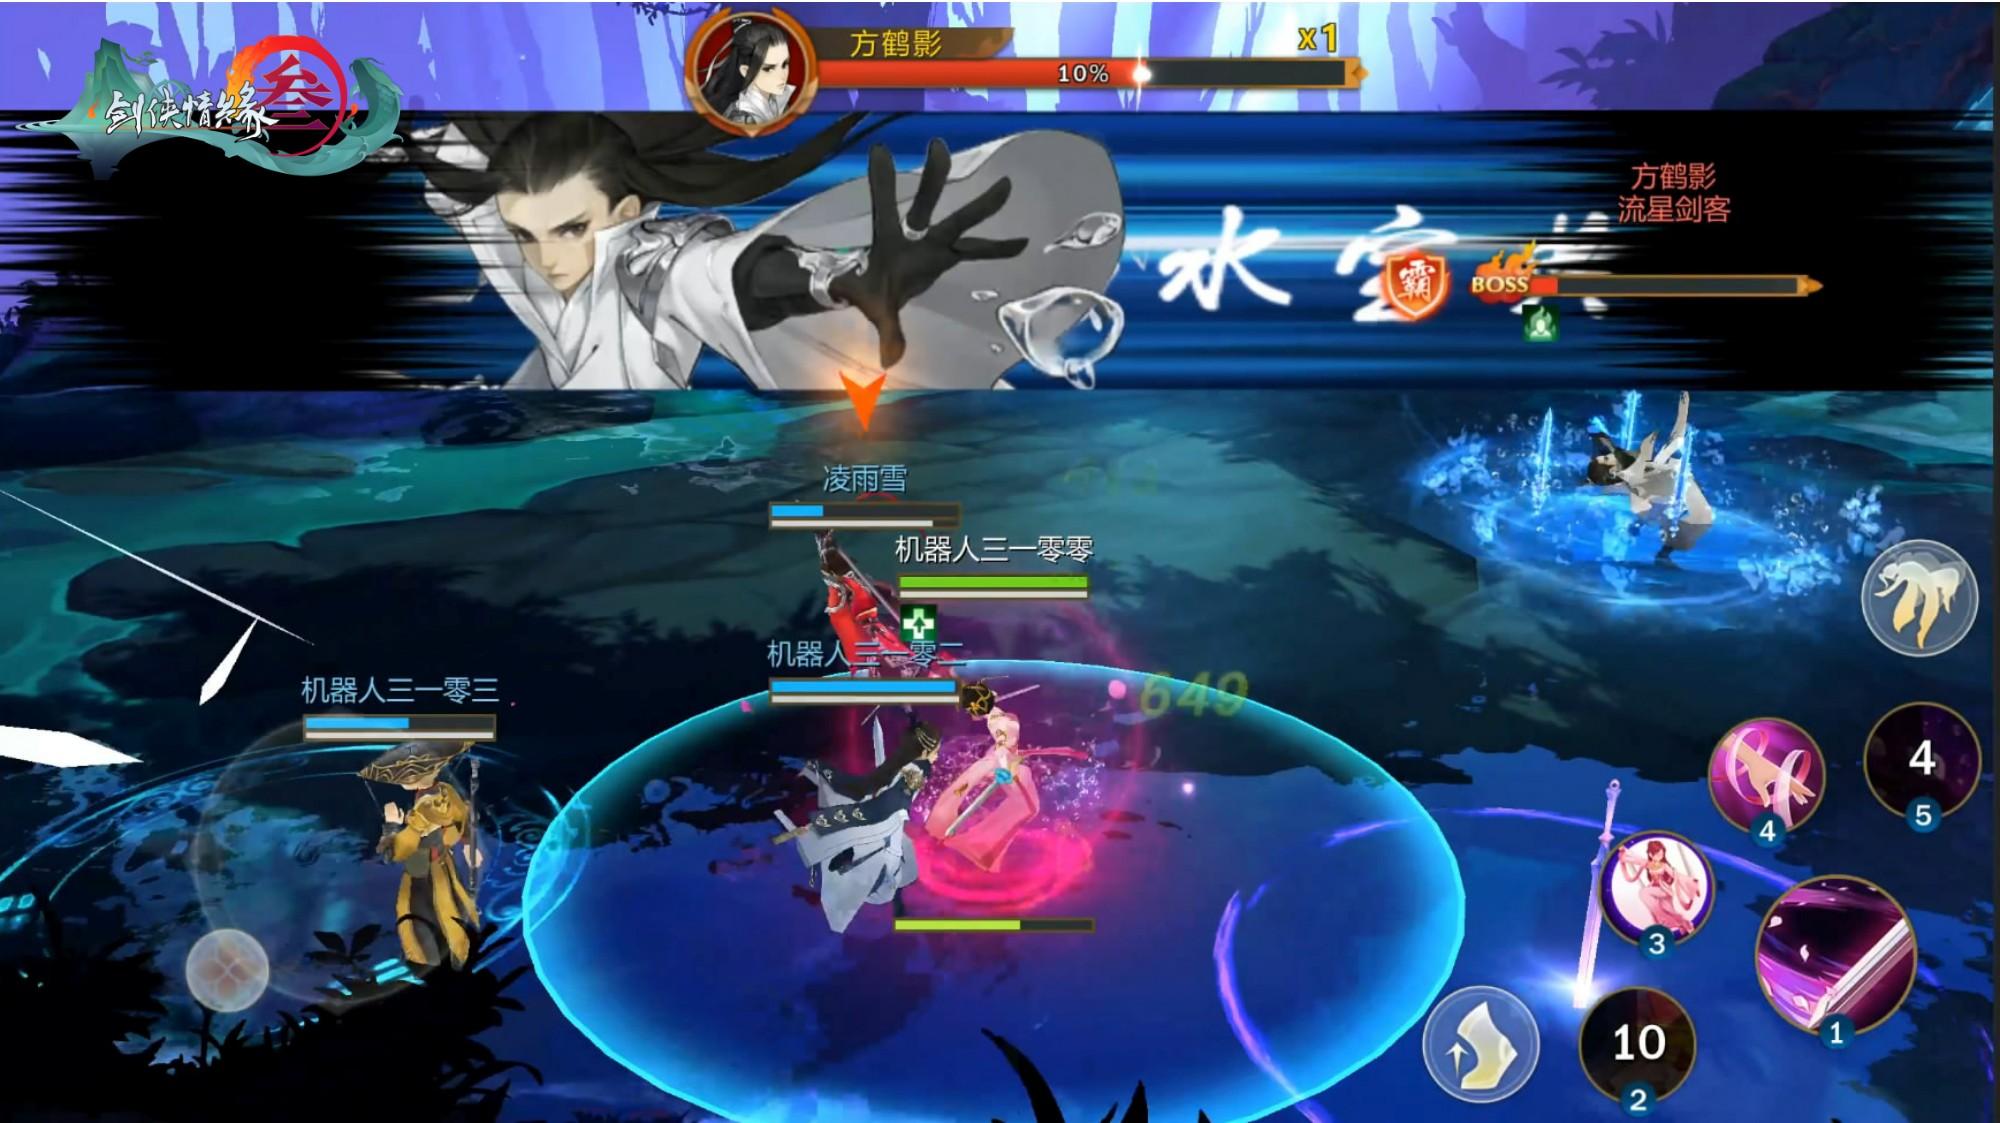 《剑网3:指尖江湖》战斗系统全面革新 指尖畅快对决